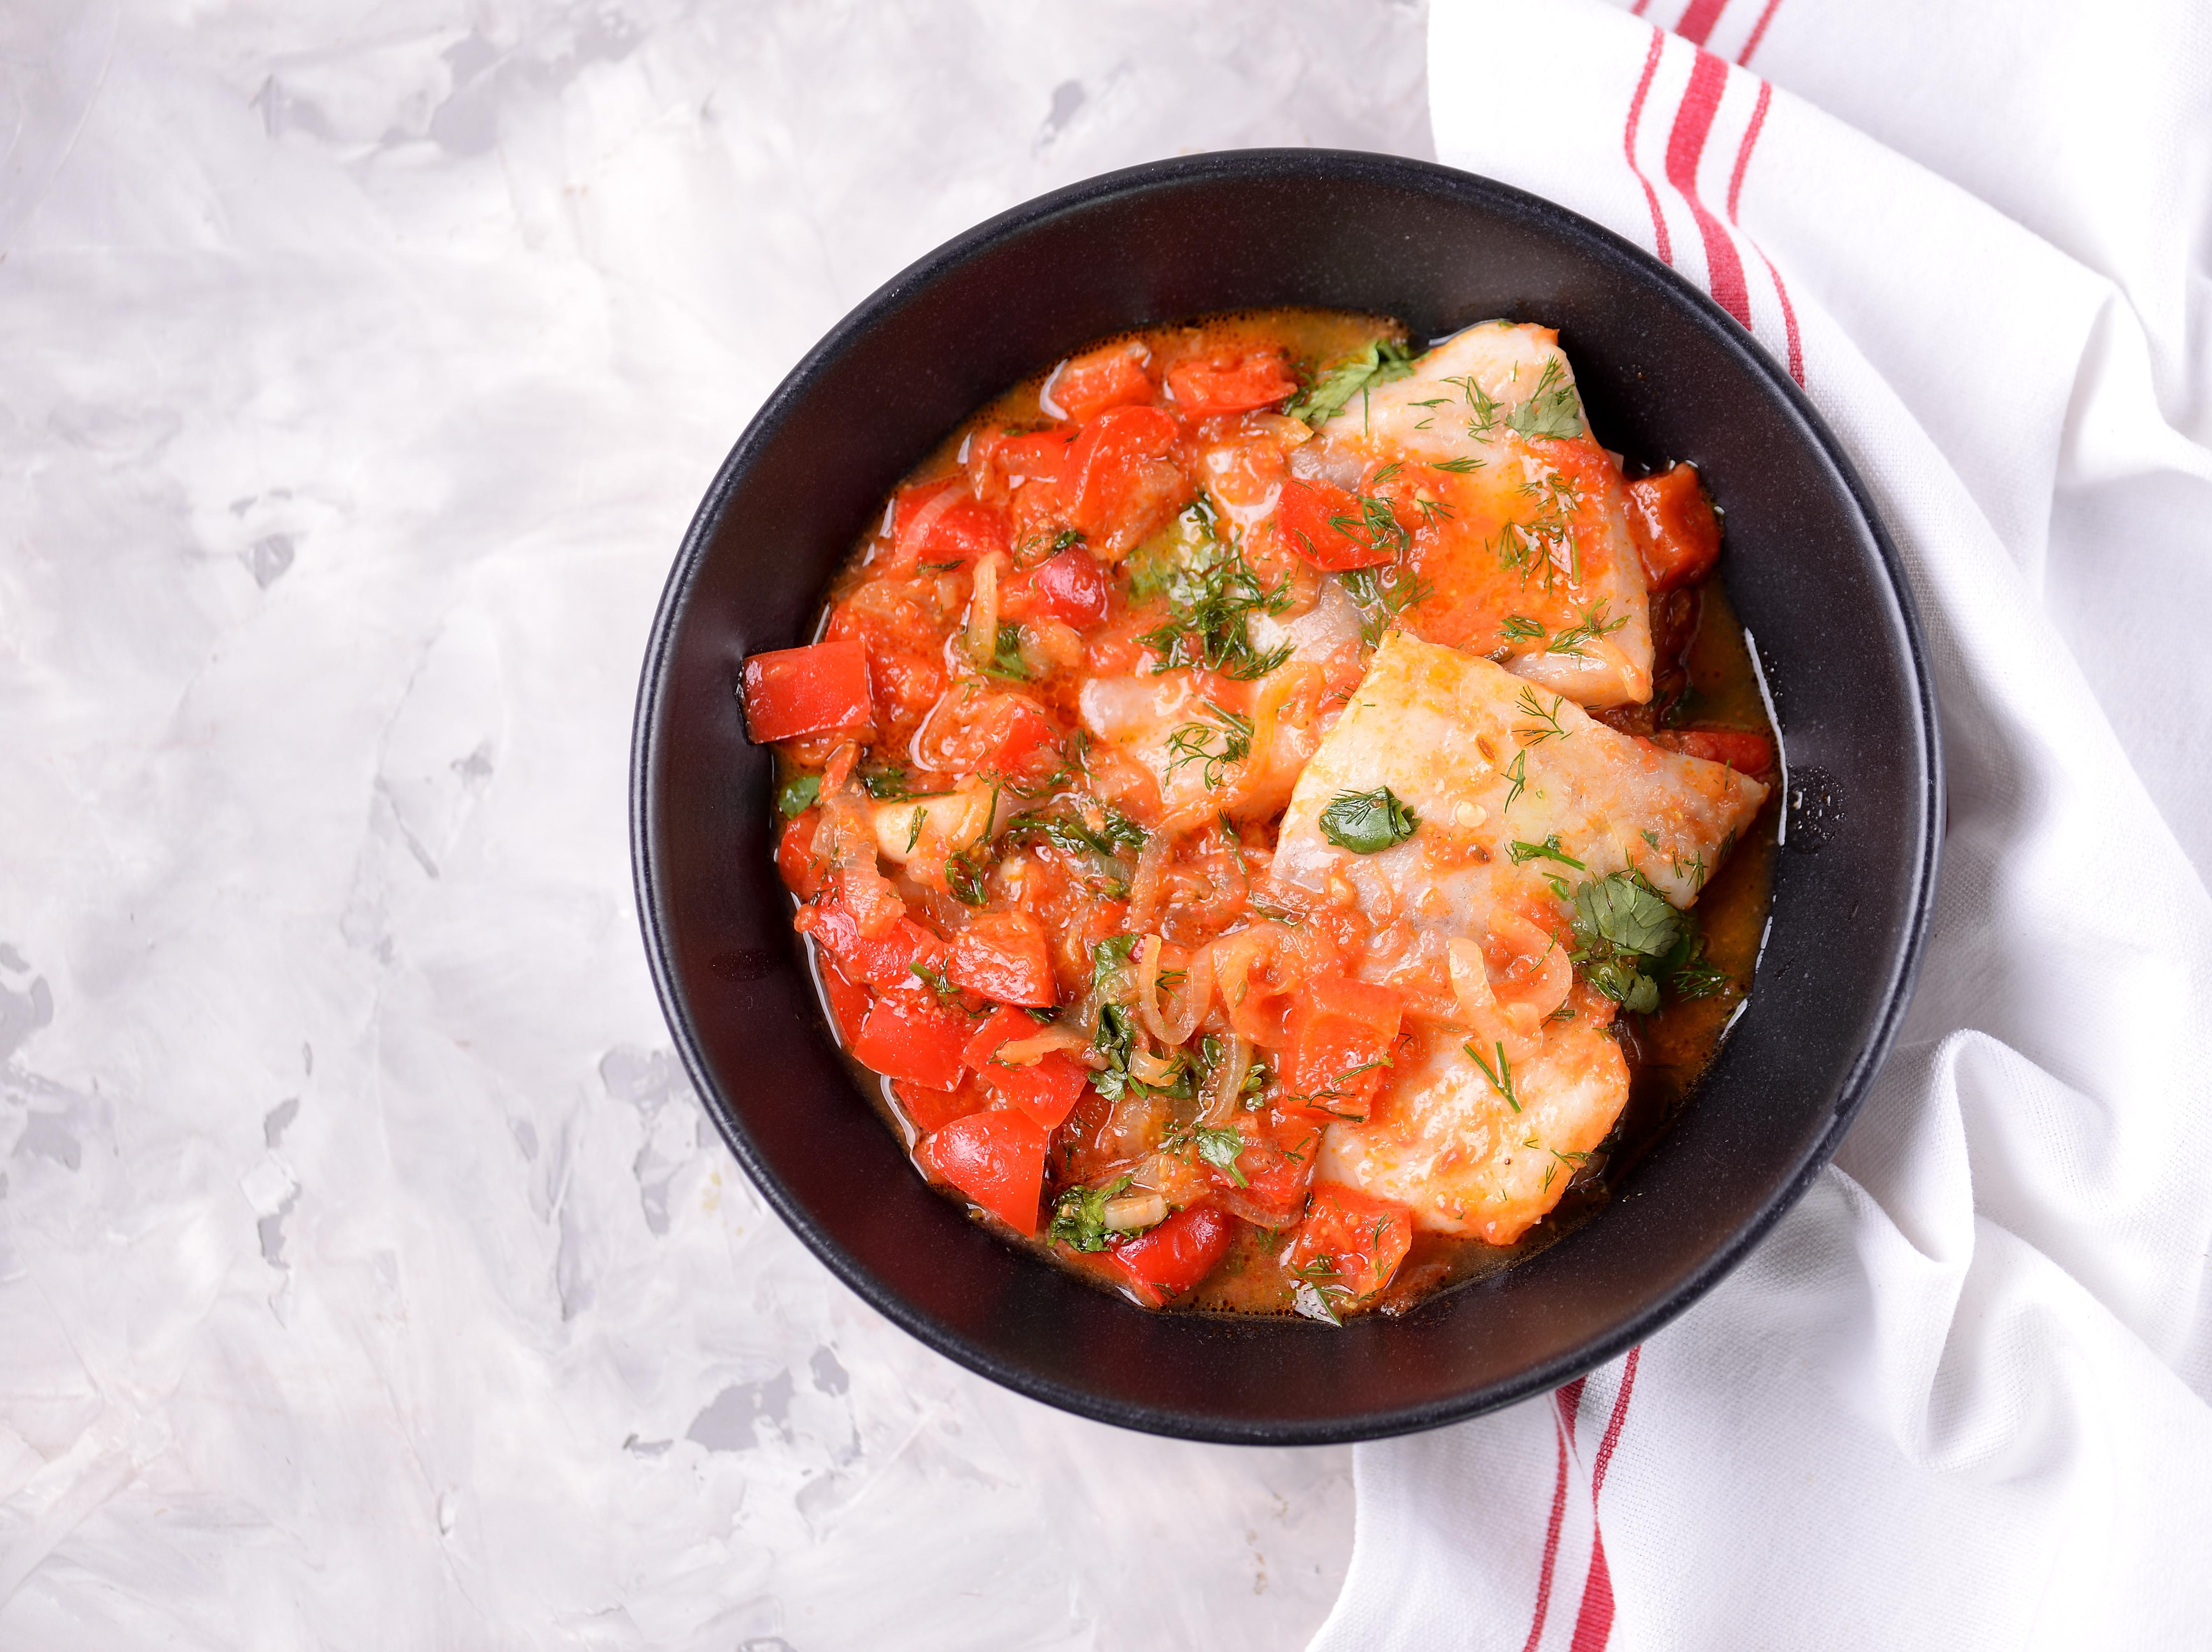 Mediterranean Monkfish Vegetable Bean Stew